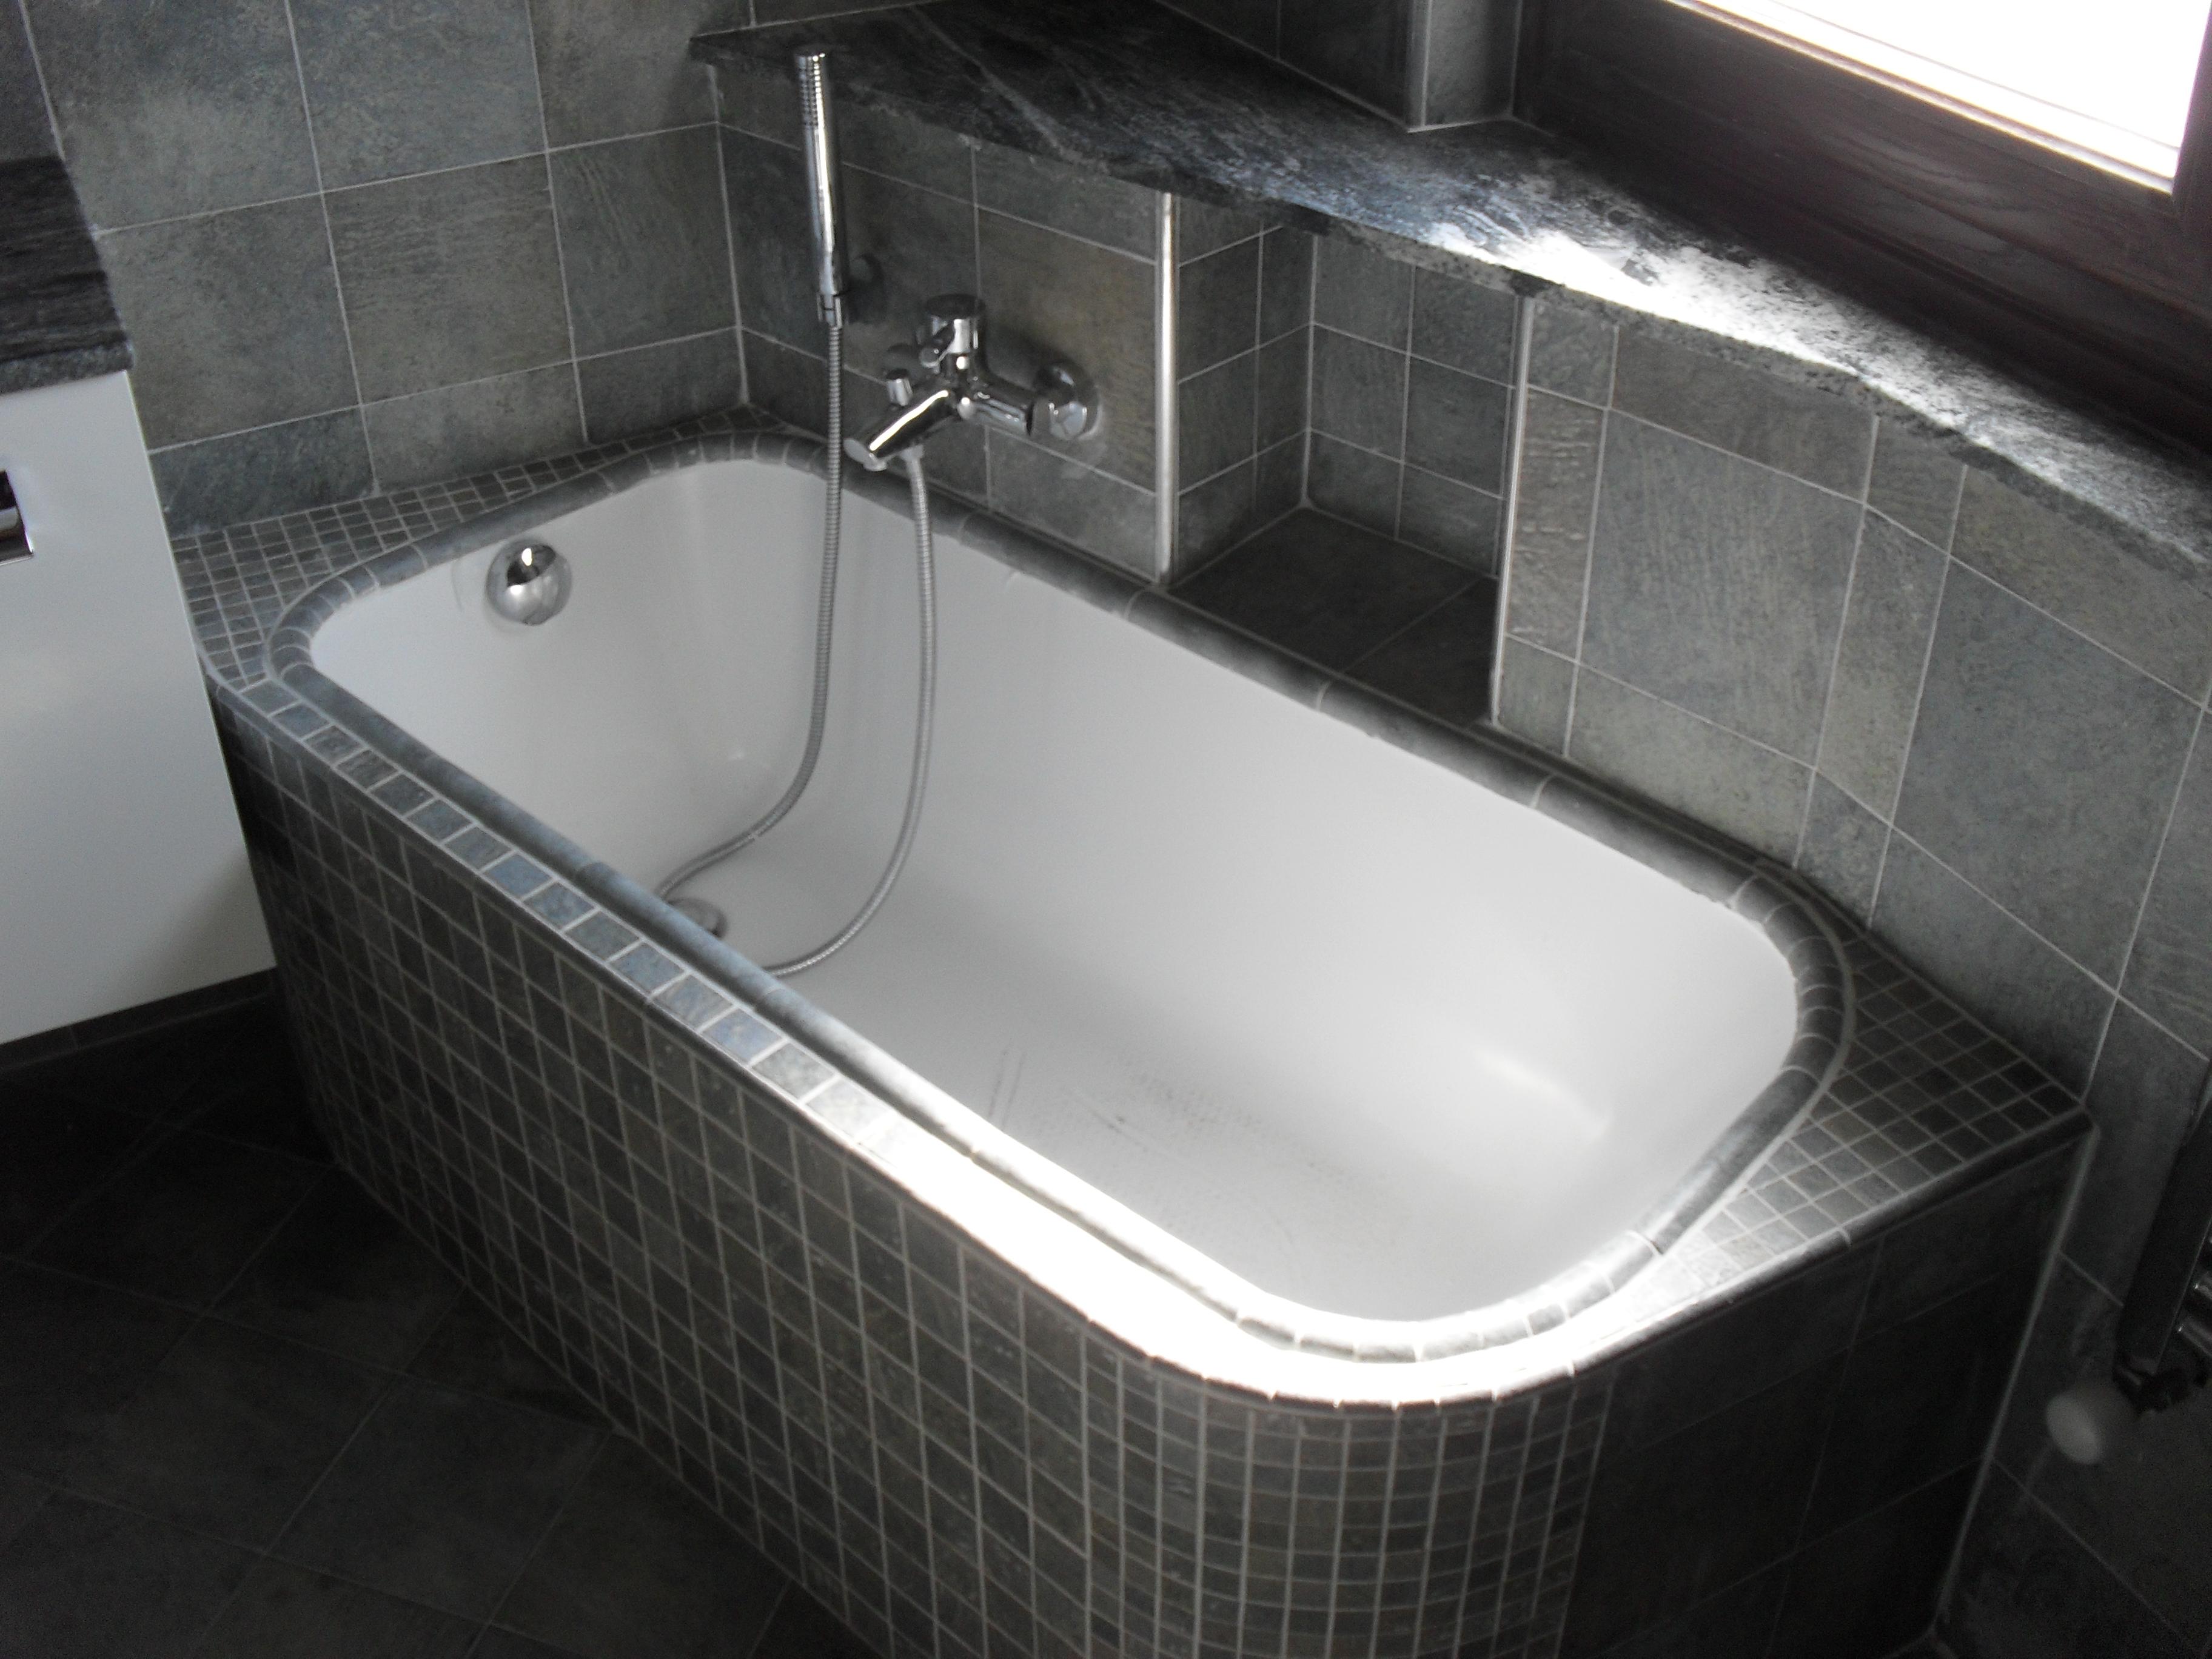 Bagno effetto finto pietra arredamenti agostino - Finto mosaico bagno ...